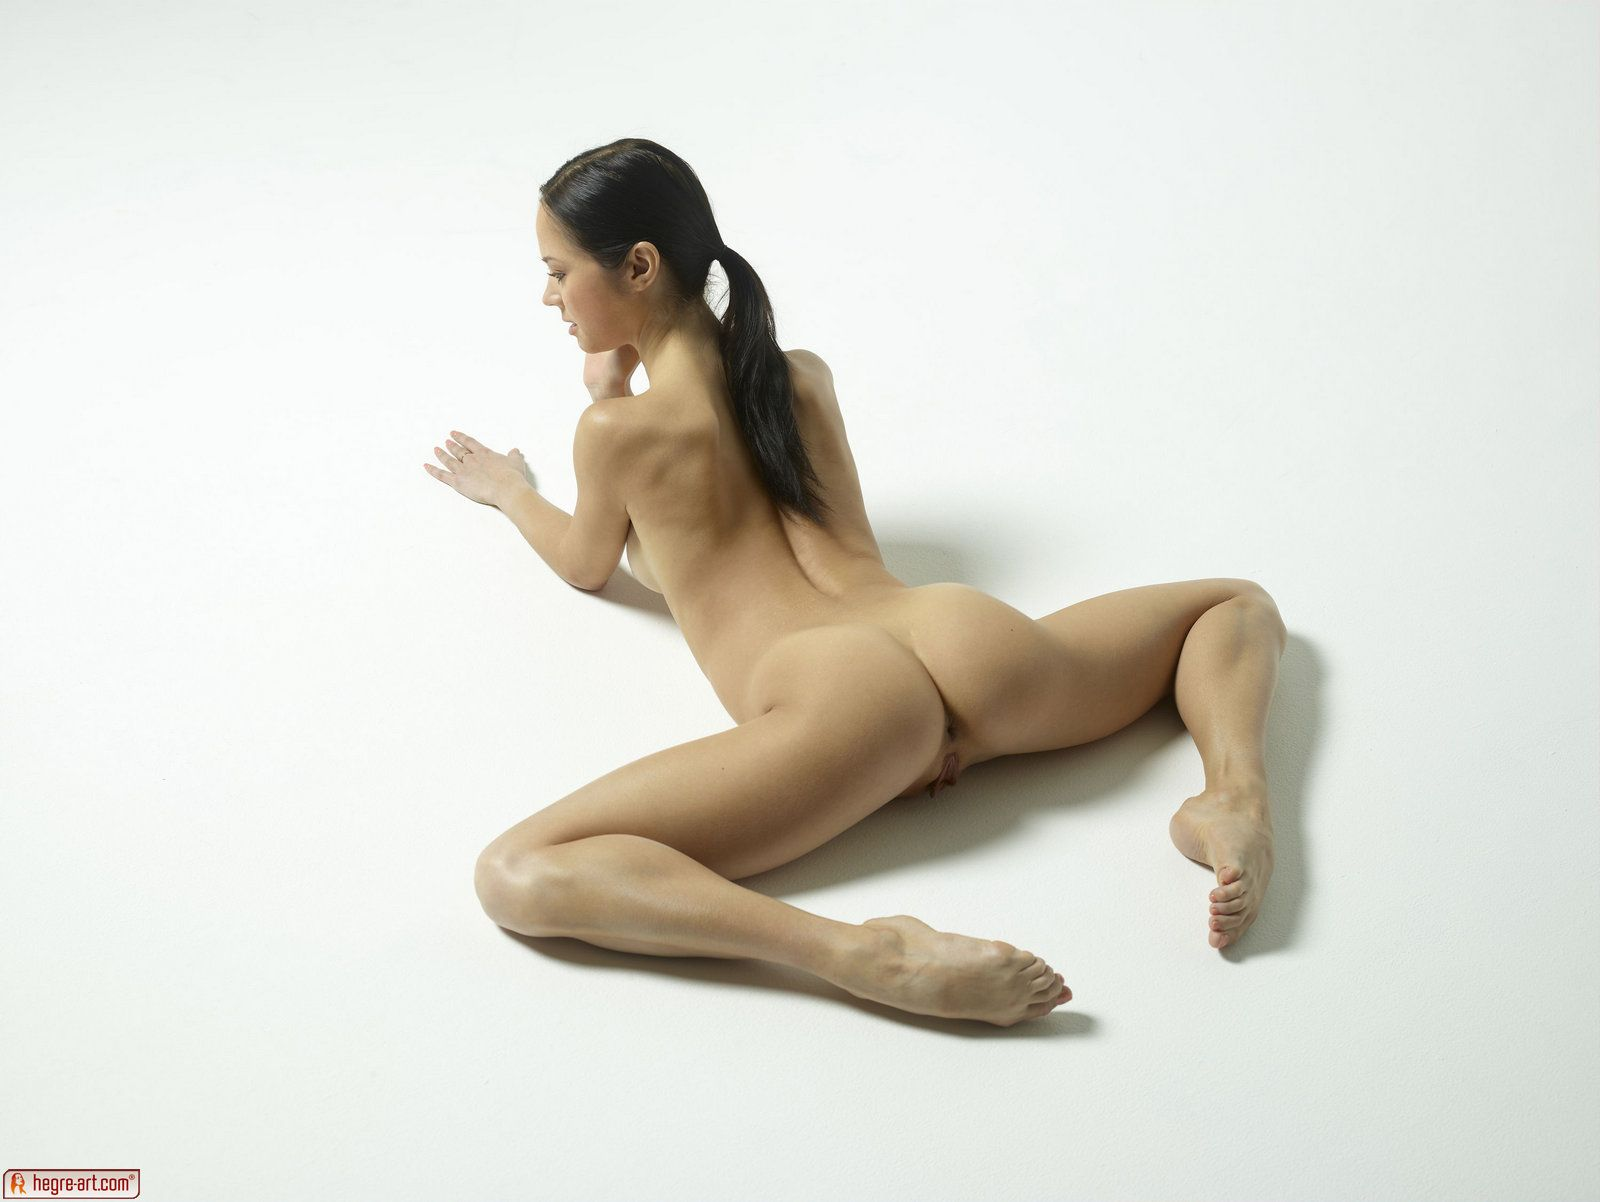 nakedgirls are pissing on hip